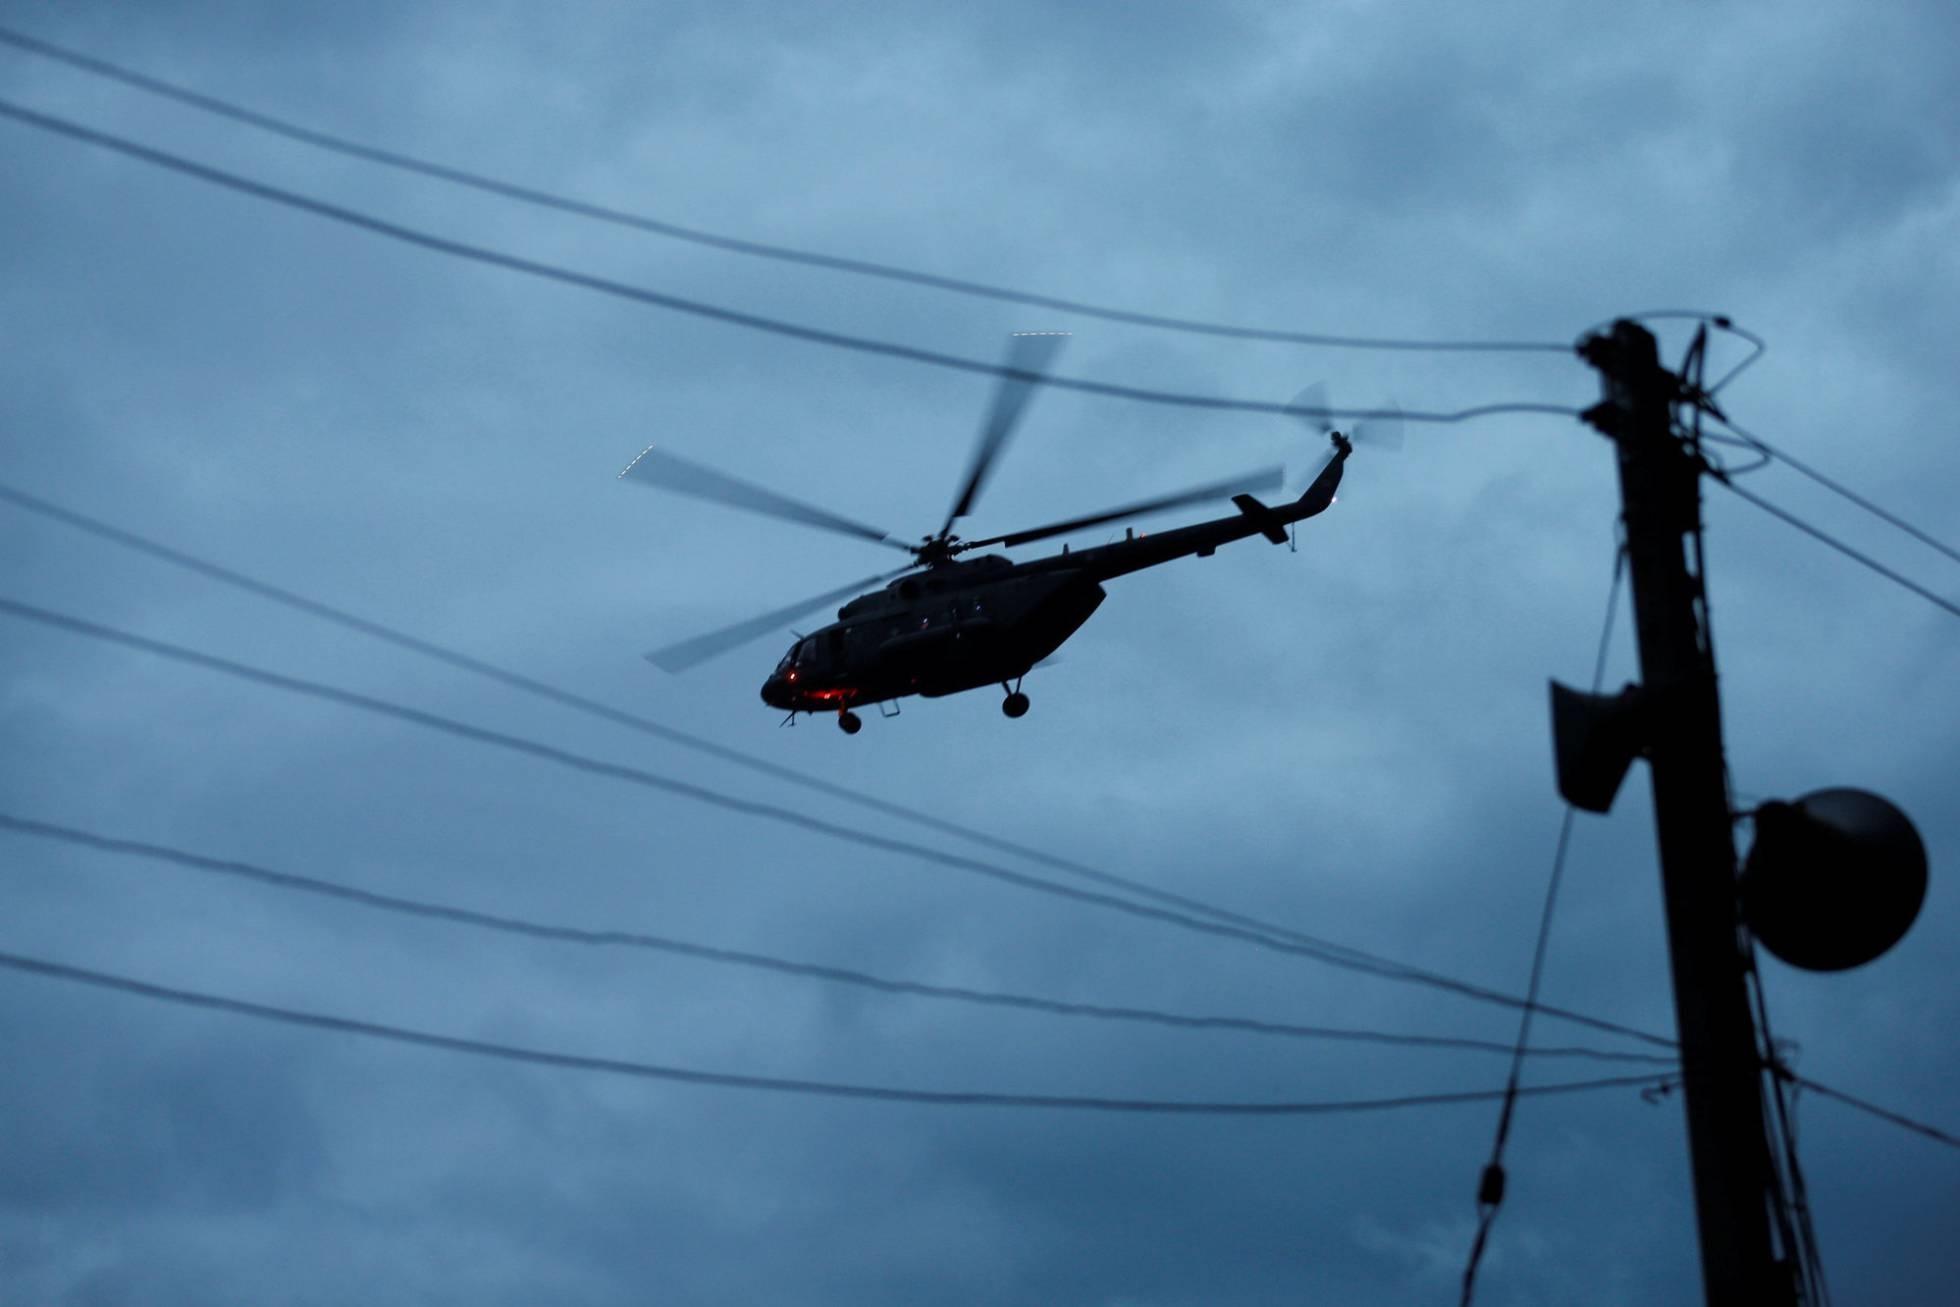 Un helicóptero militar traslada a algunos de los menores tras ser rescatados de la cueva de Tham Luang.